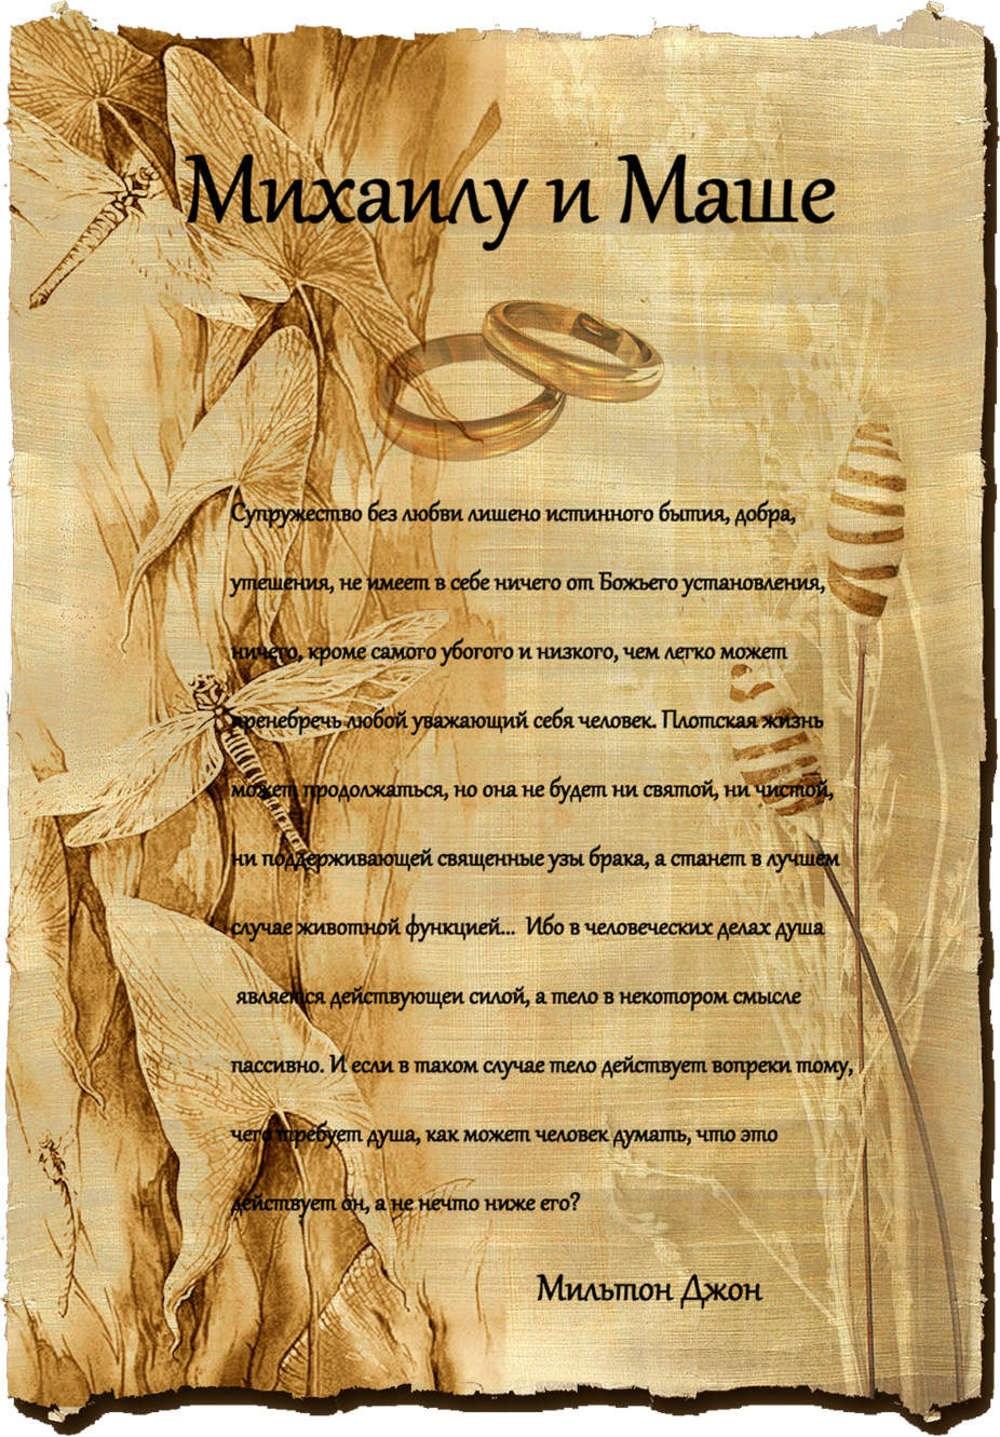 Поздравление на папирусе На свадьбу: цитата Мильтона Джона